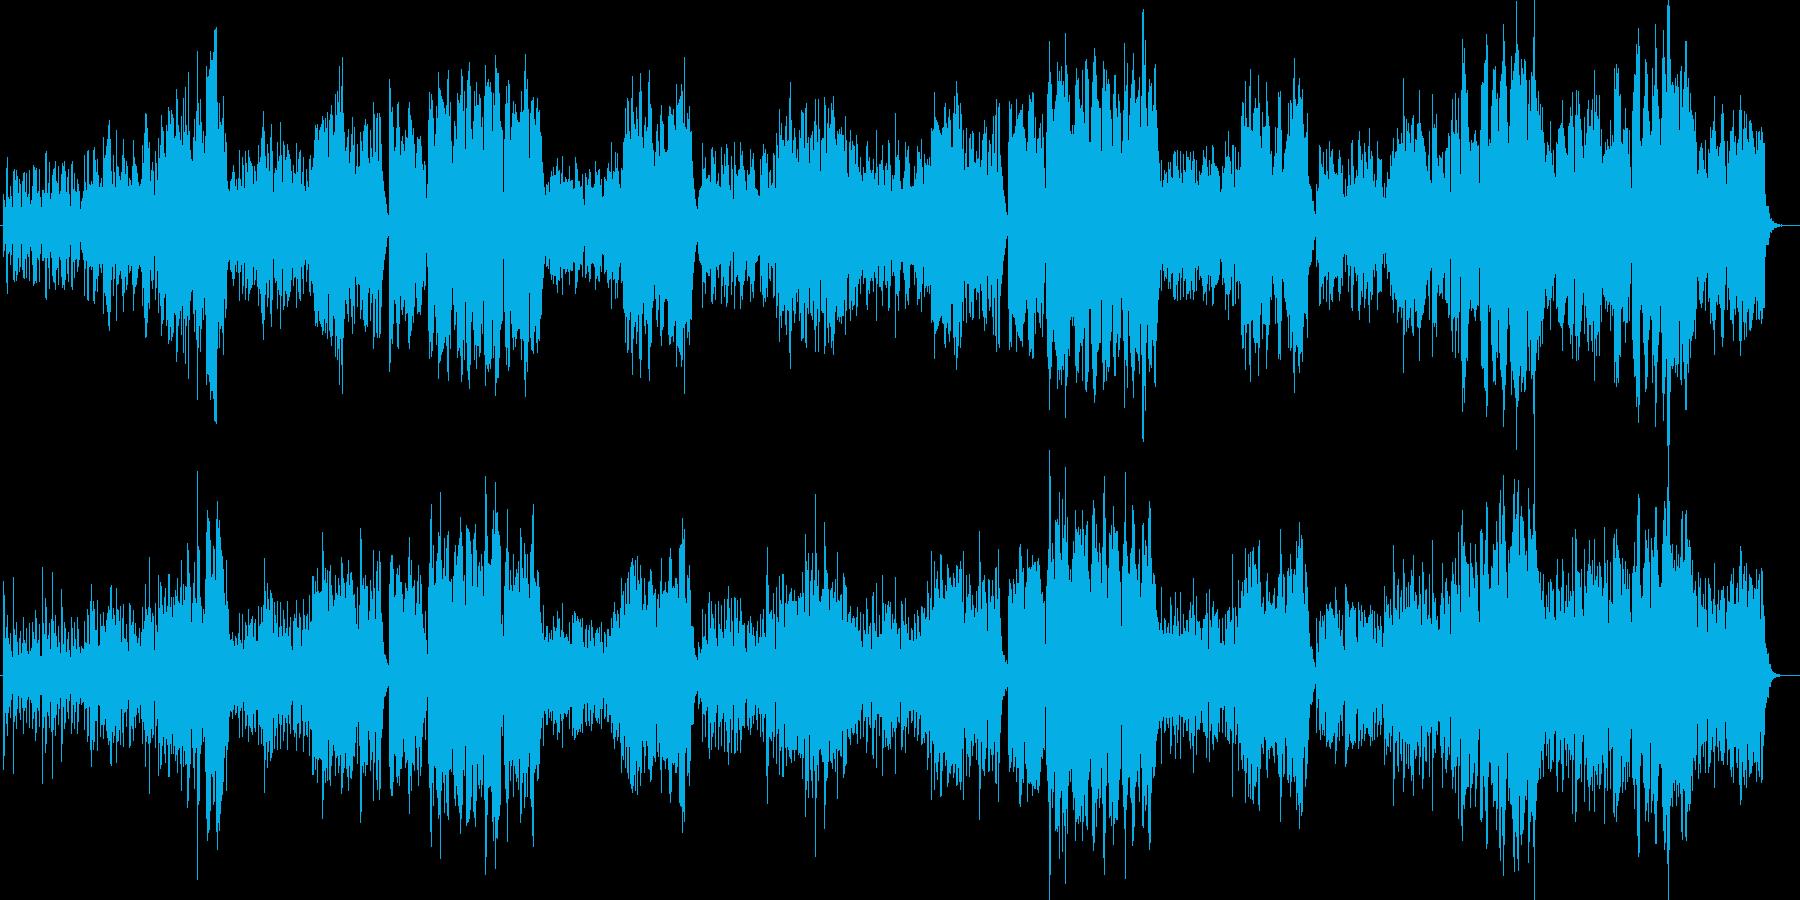 中世のワルツ風オーケストラの再生済みの波形